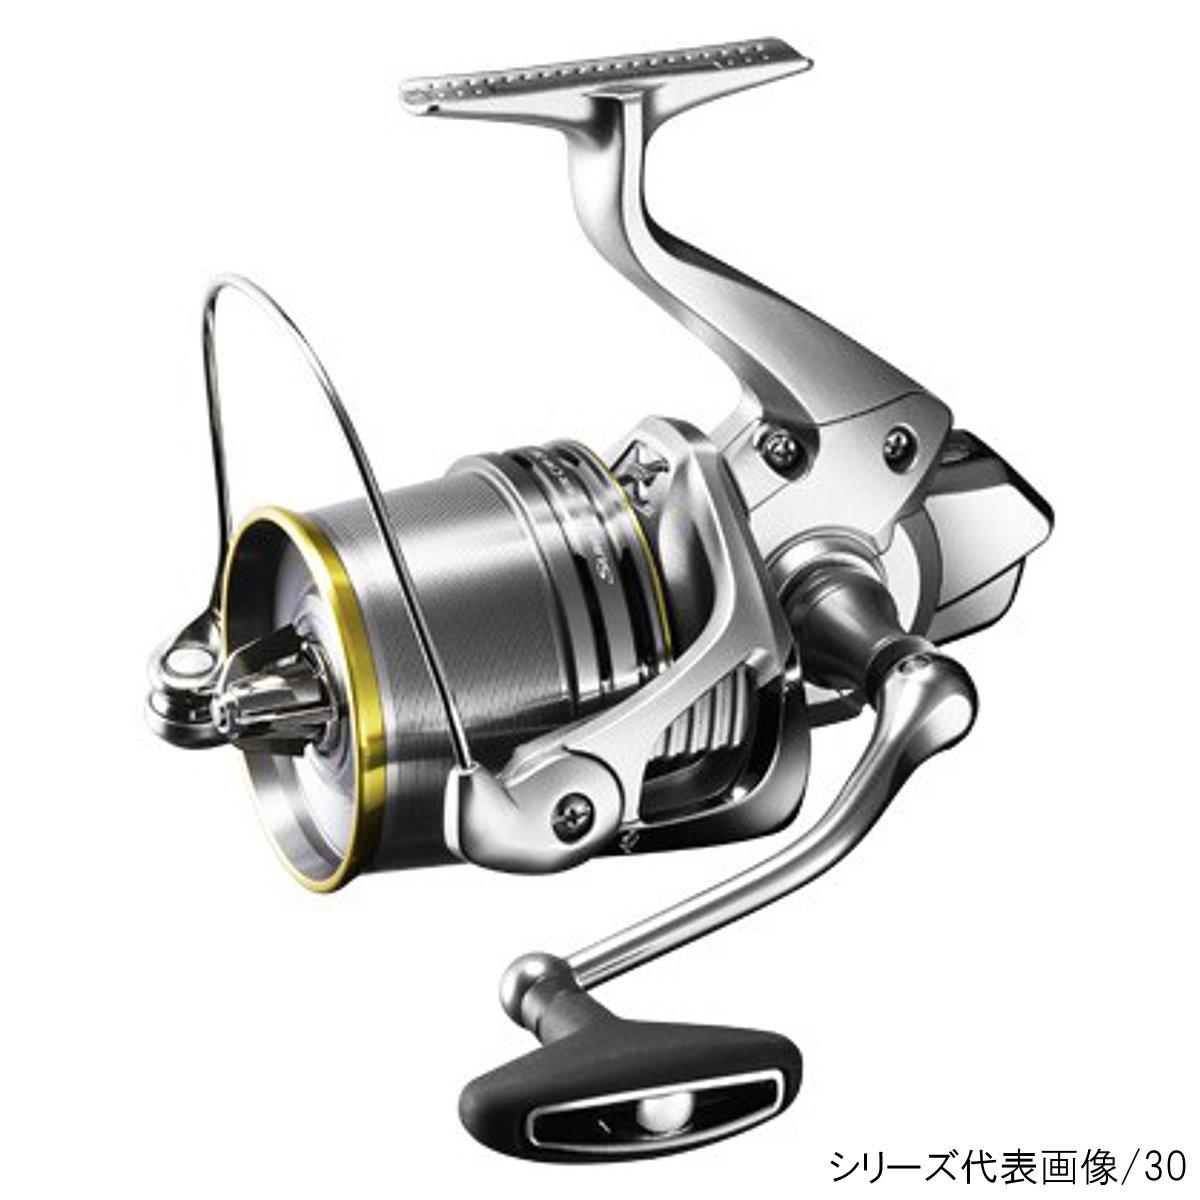 シマノ サーフリーダー CI4+ 30極細仕様(東日本店)